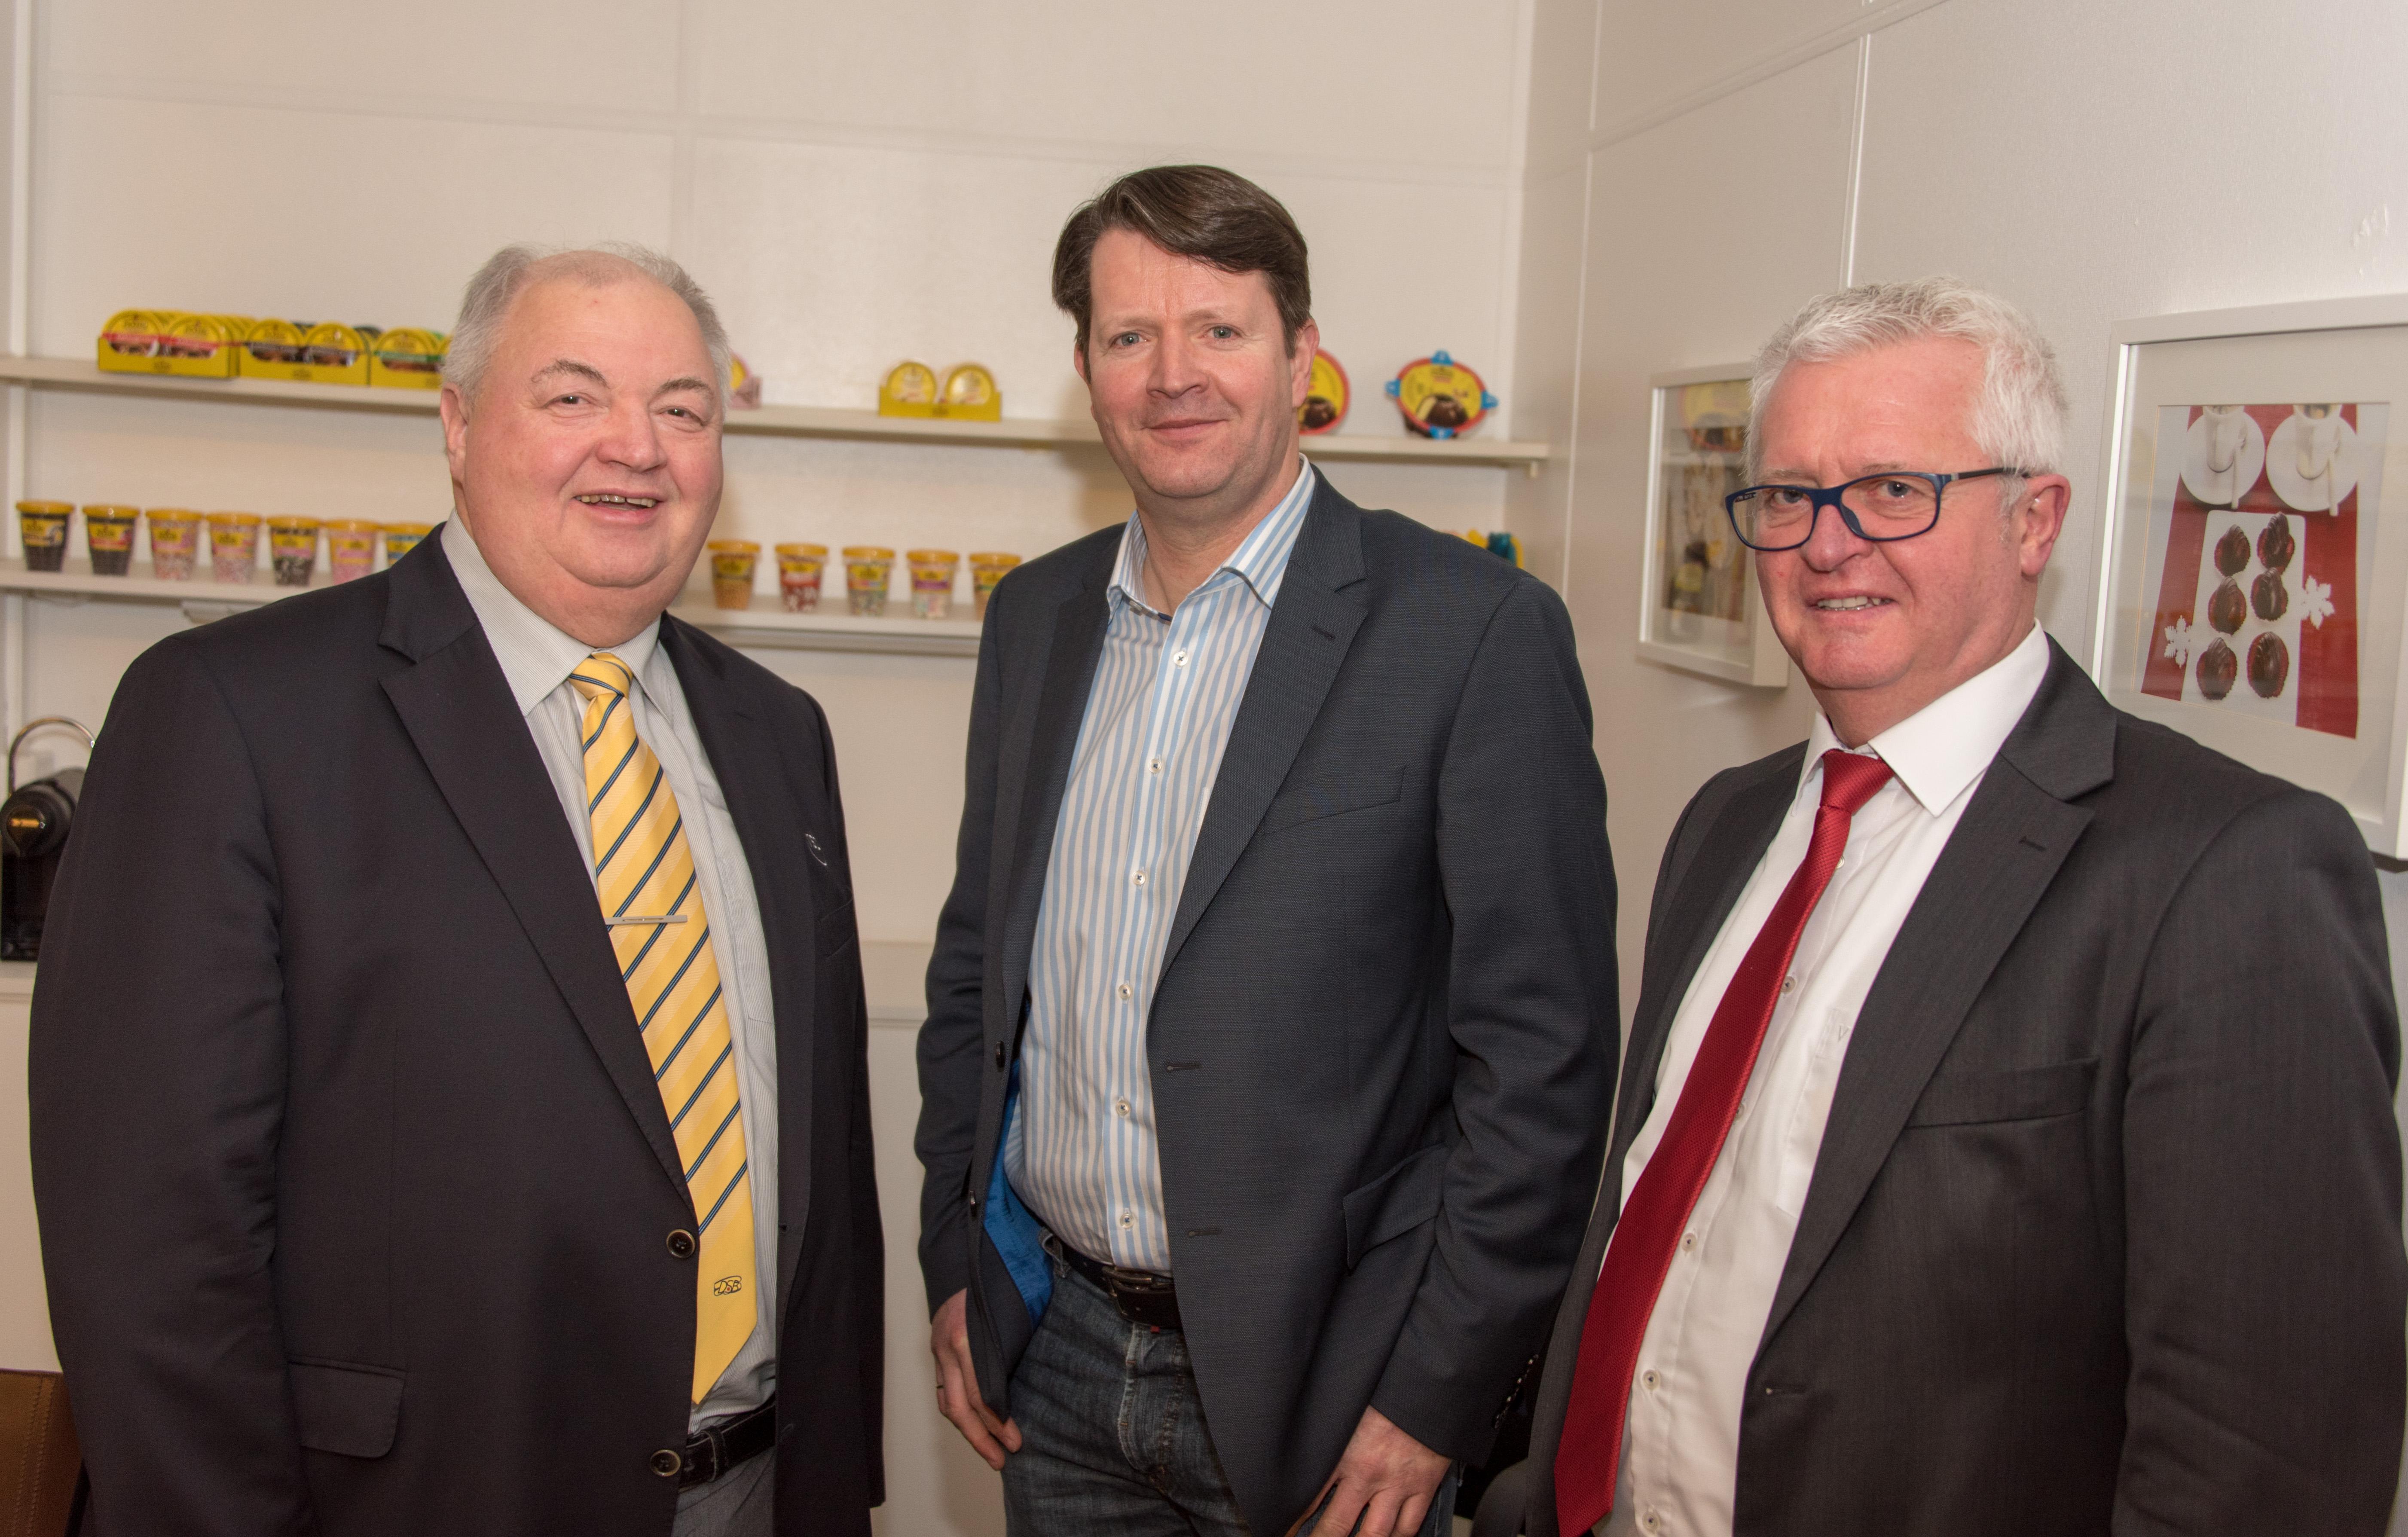 Joachim Brandt, Regionssportbund Hannover, Carsten Niemann, Harald Wemhöner, H.Pickerd